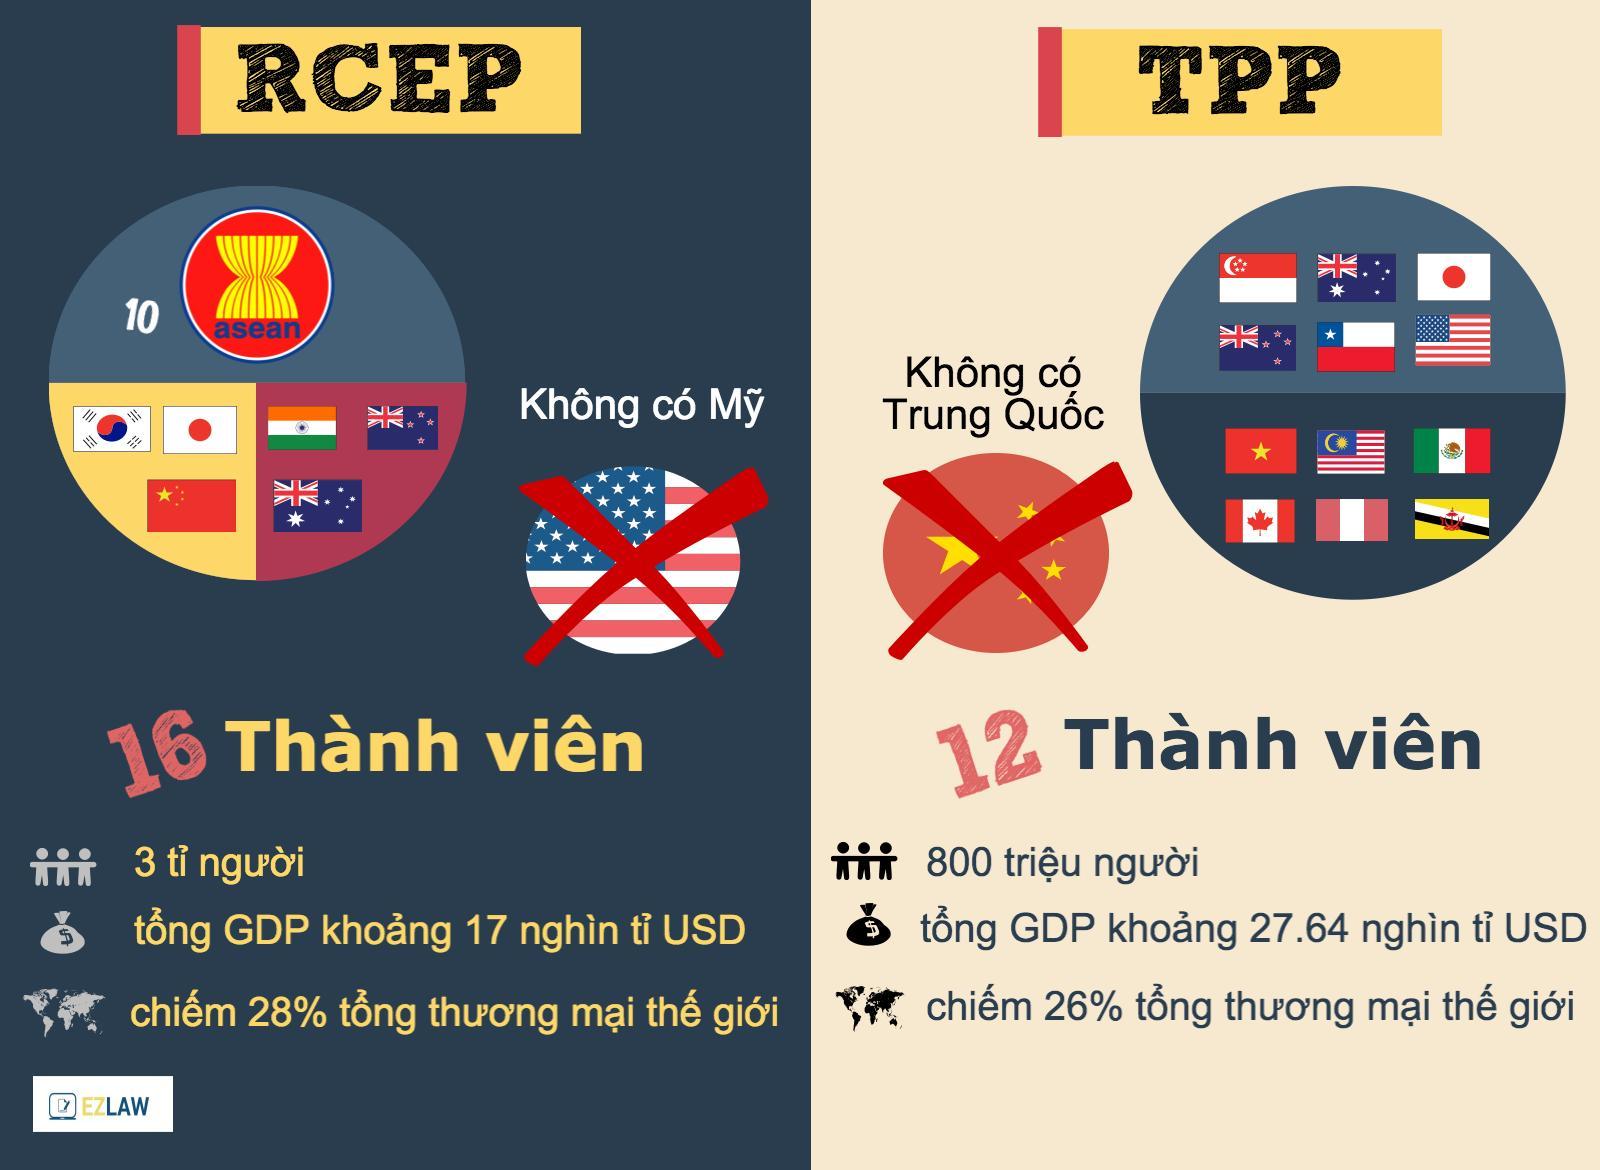 Hiệp định đối tác kinh tế toàn diện khu vực RCEP liệu có thể thay thế Hiệp định Đối tác xuyên Thái Bình Dương TPP? (27/2/2017)